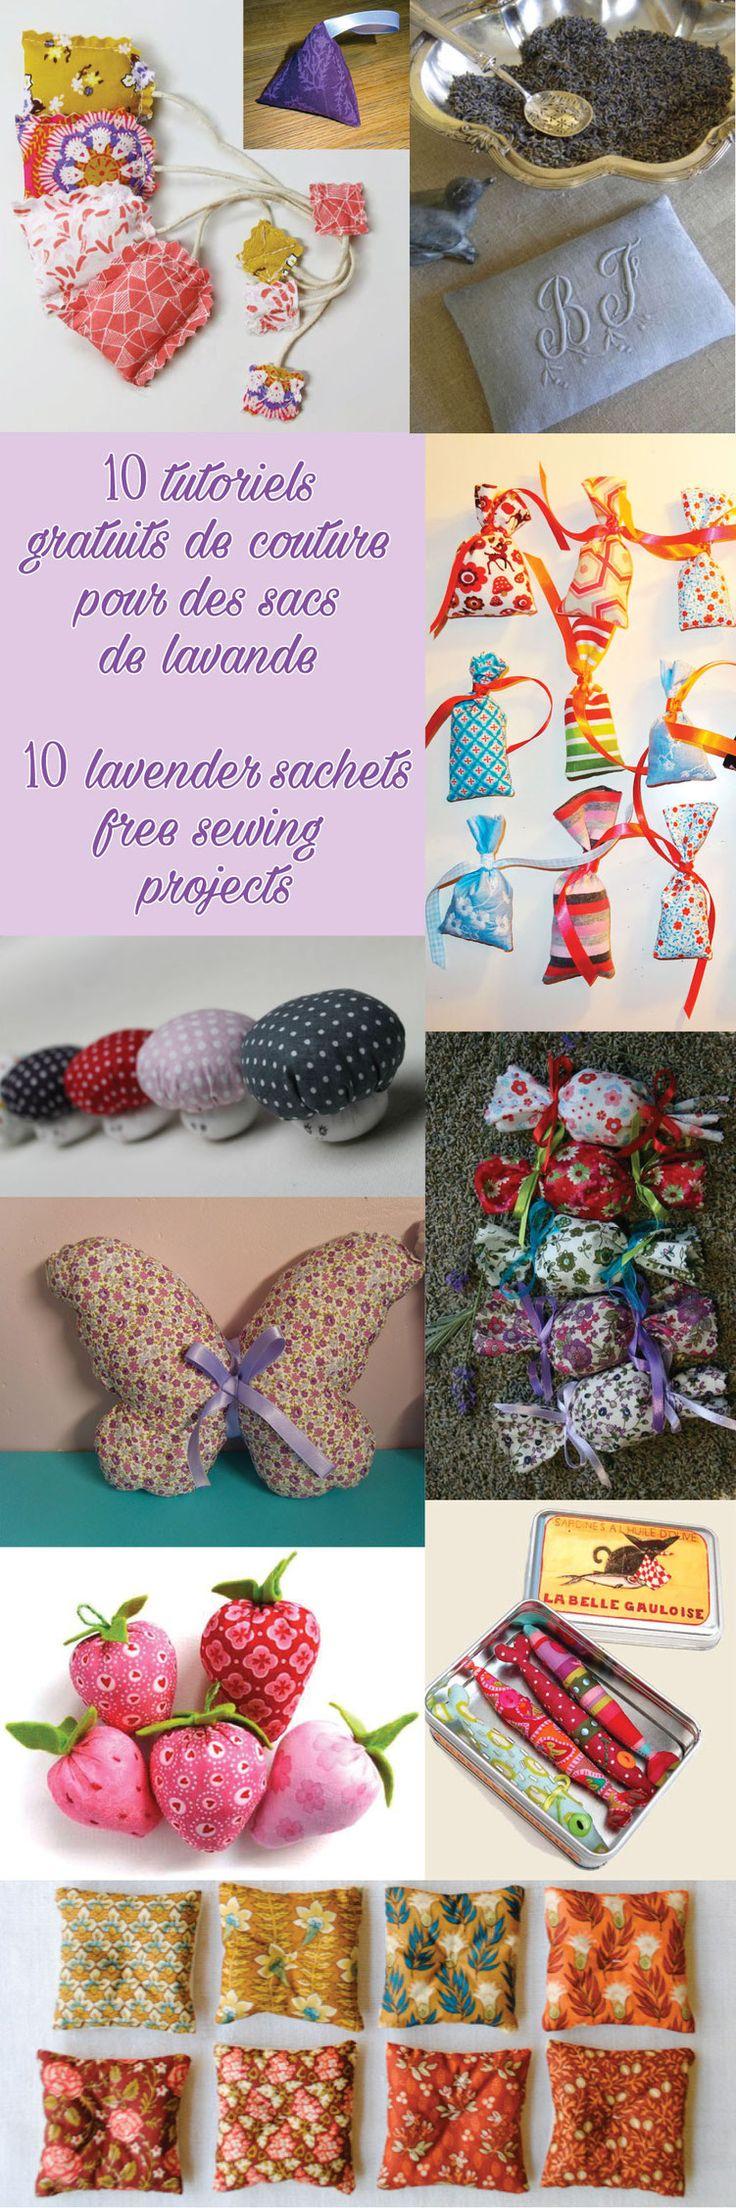 10 tutoriels gratuits de couture pour sacs de lavande - 10 lavender sachets free sewing projects - DIY - Tutorial - Patterns - ideas - BizzBizzHandMade